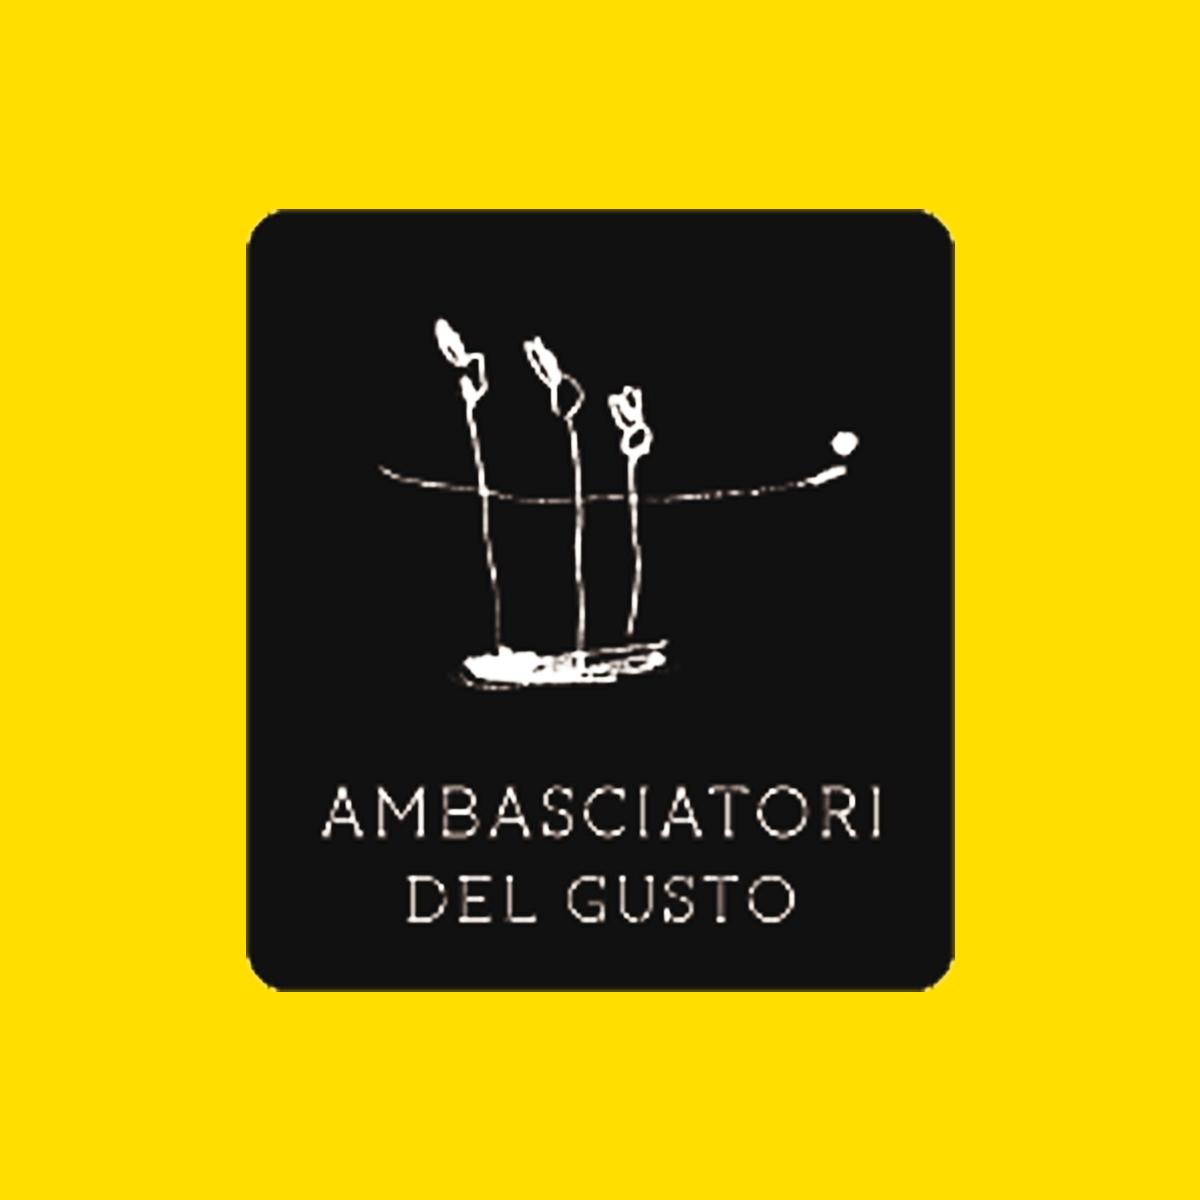 ambasciatori giallo